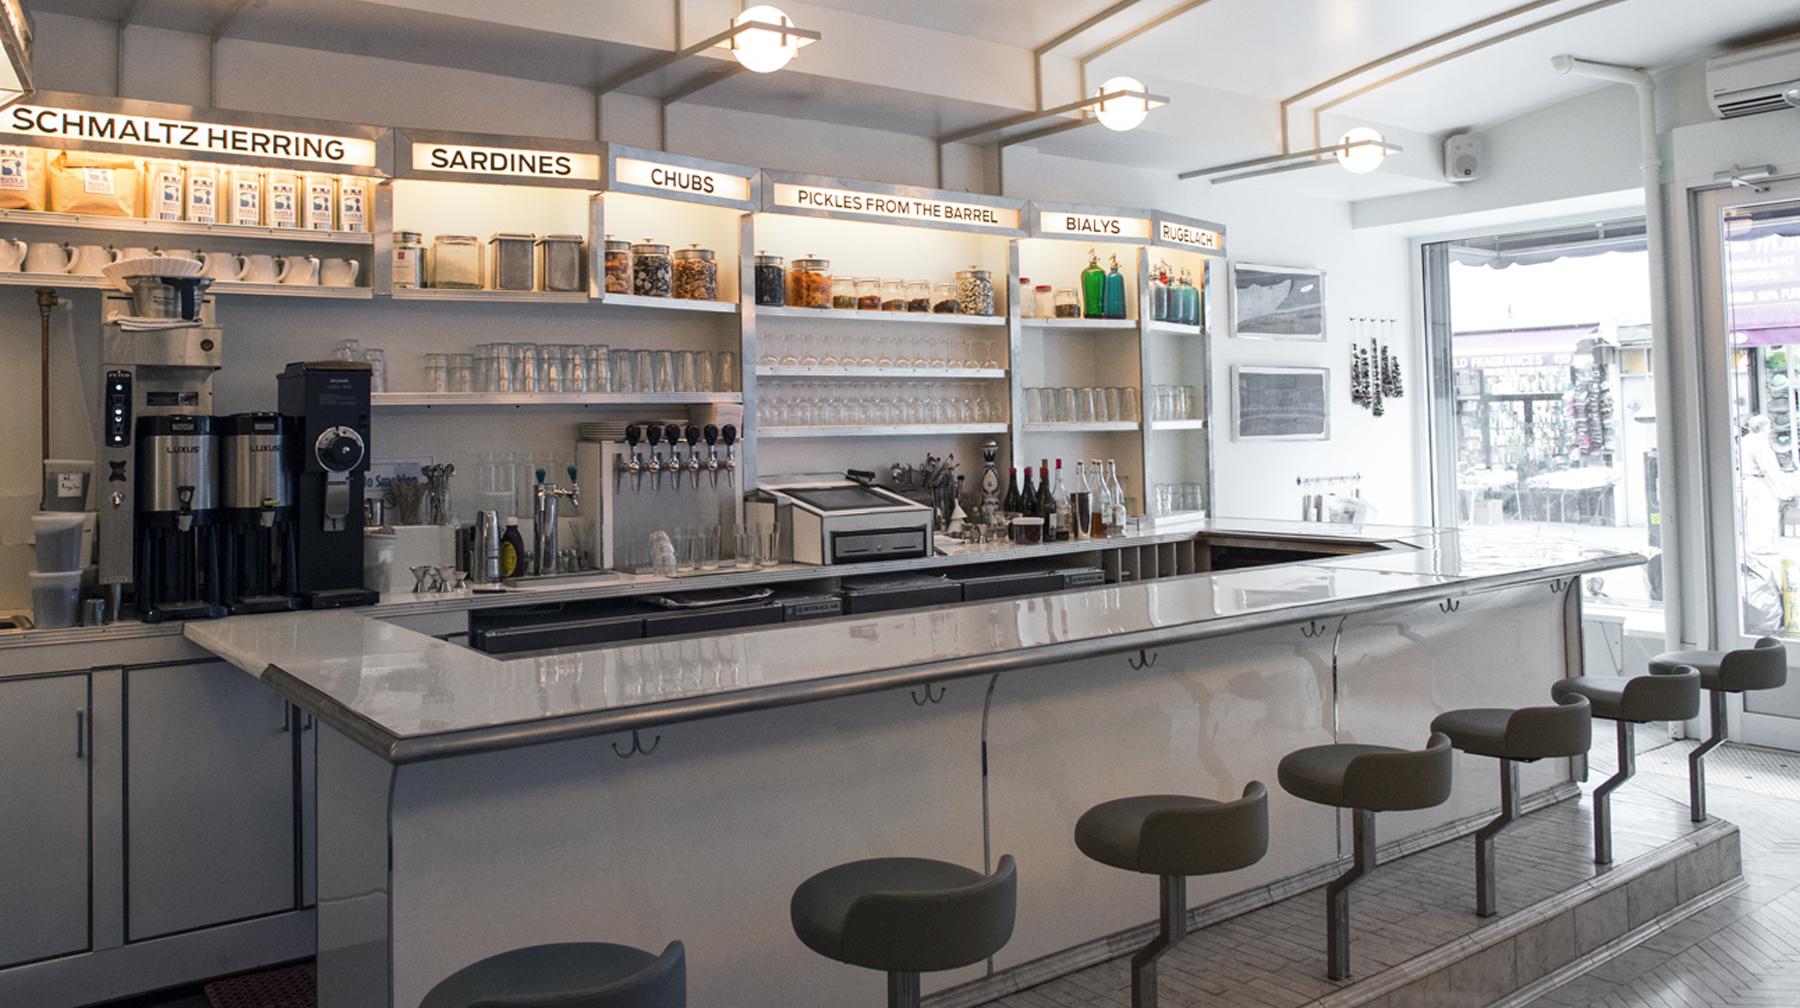 shop-history-image-the-cafe-v2.jpg